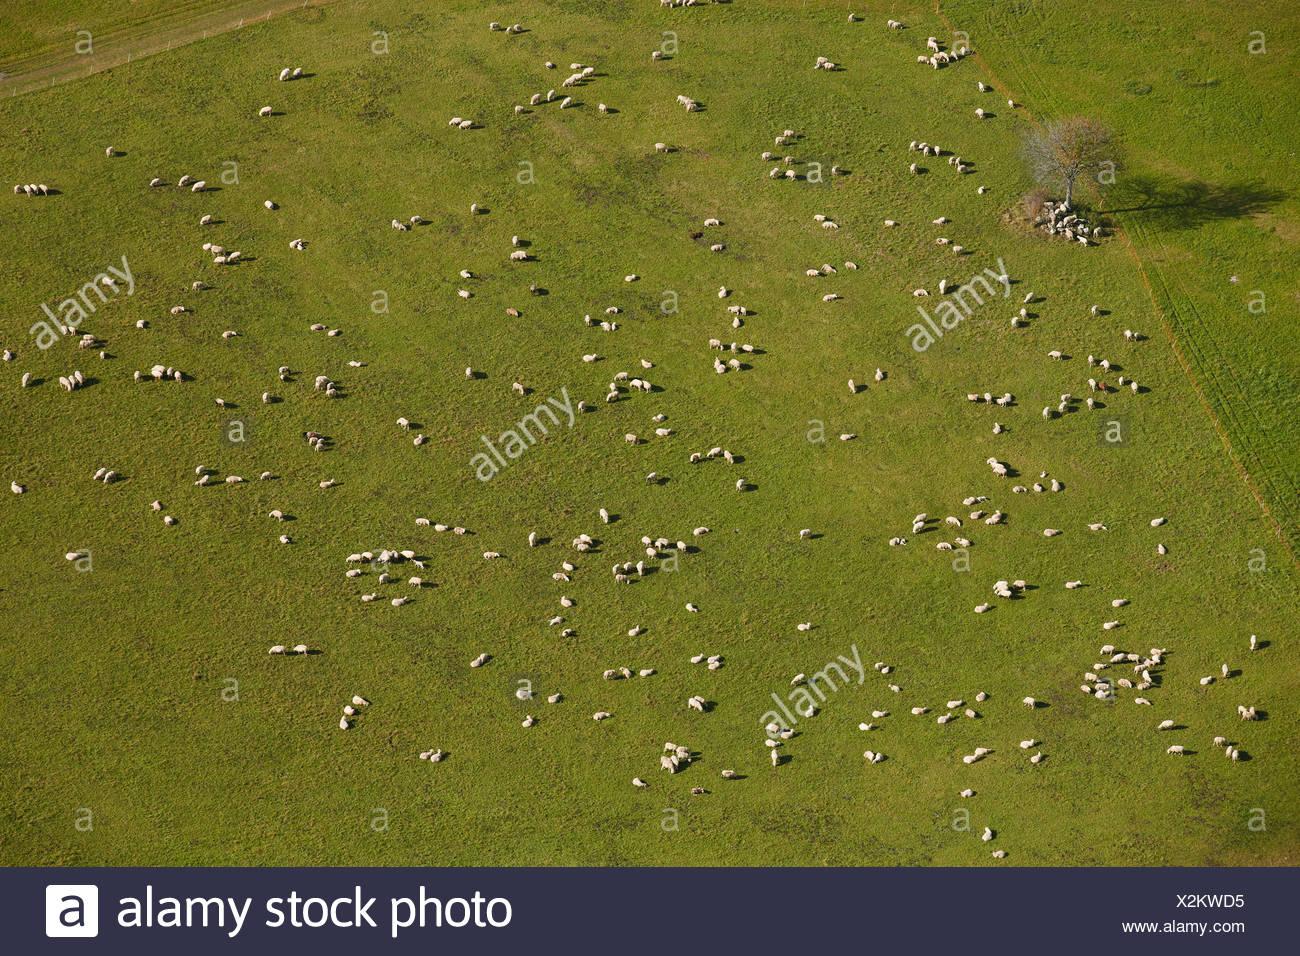 Schafherde auf Weide, schwäbischen Alb, Baden-Württemberg, Deutschland, Luftbild Stockbild